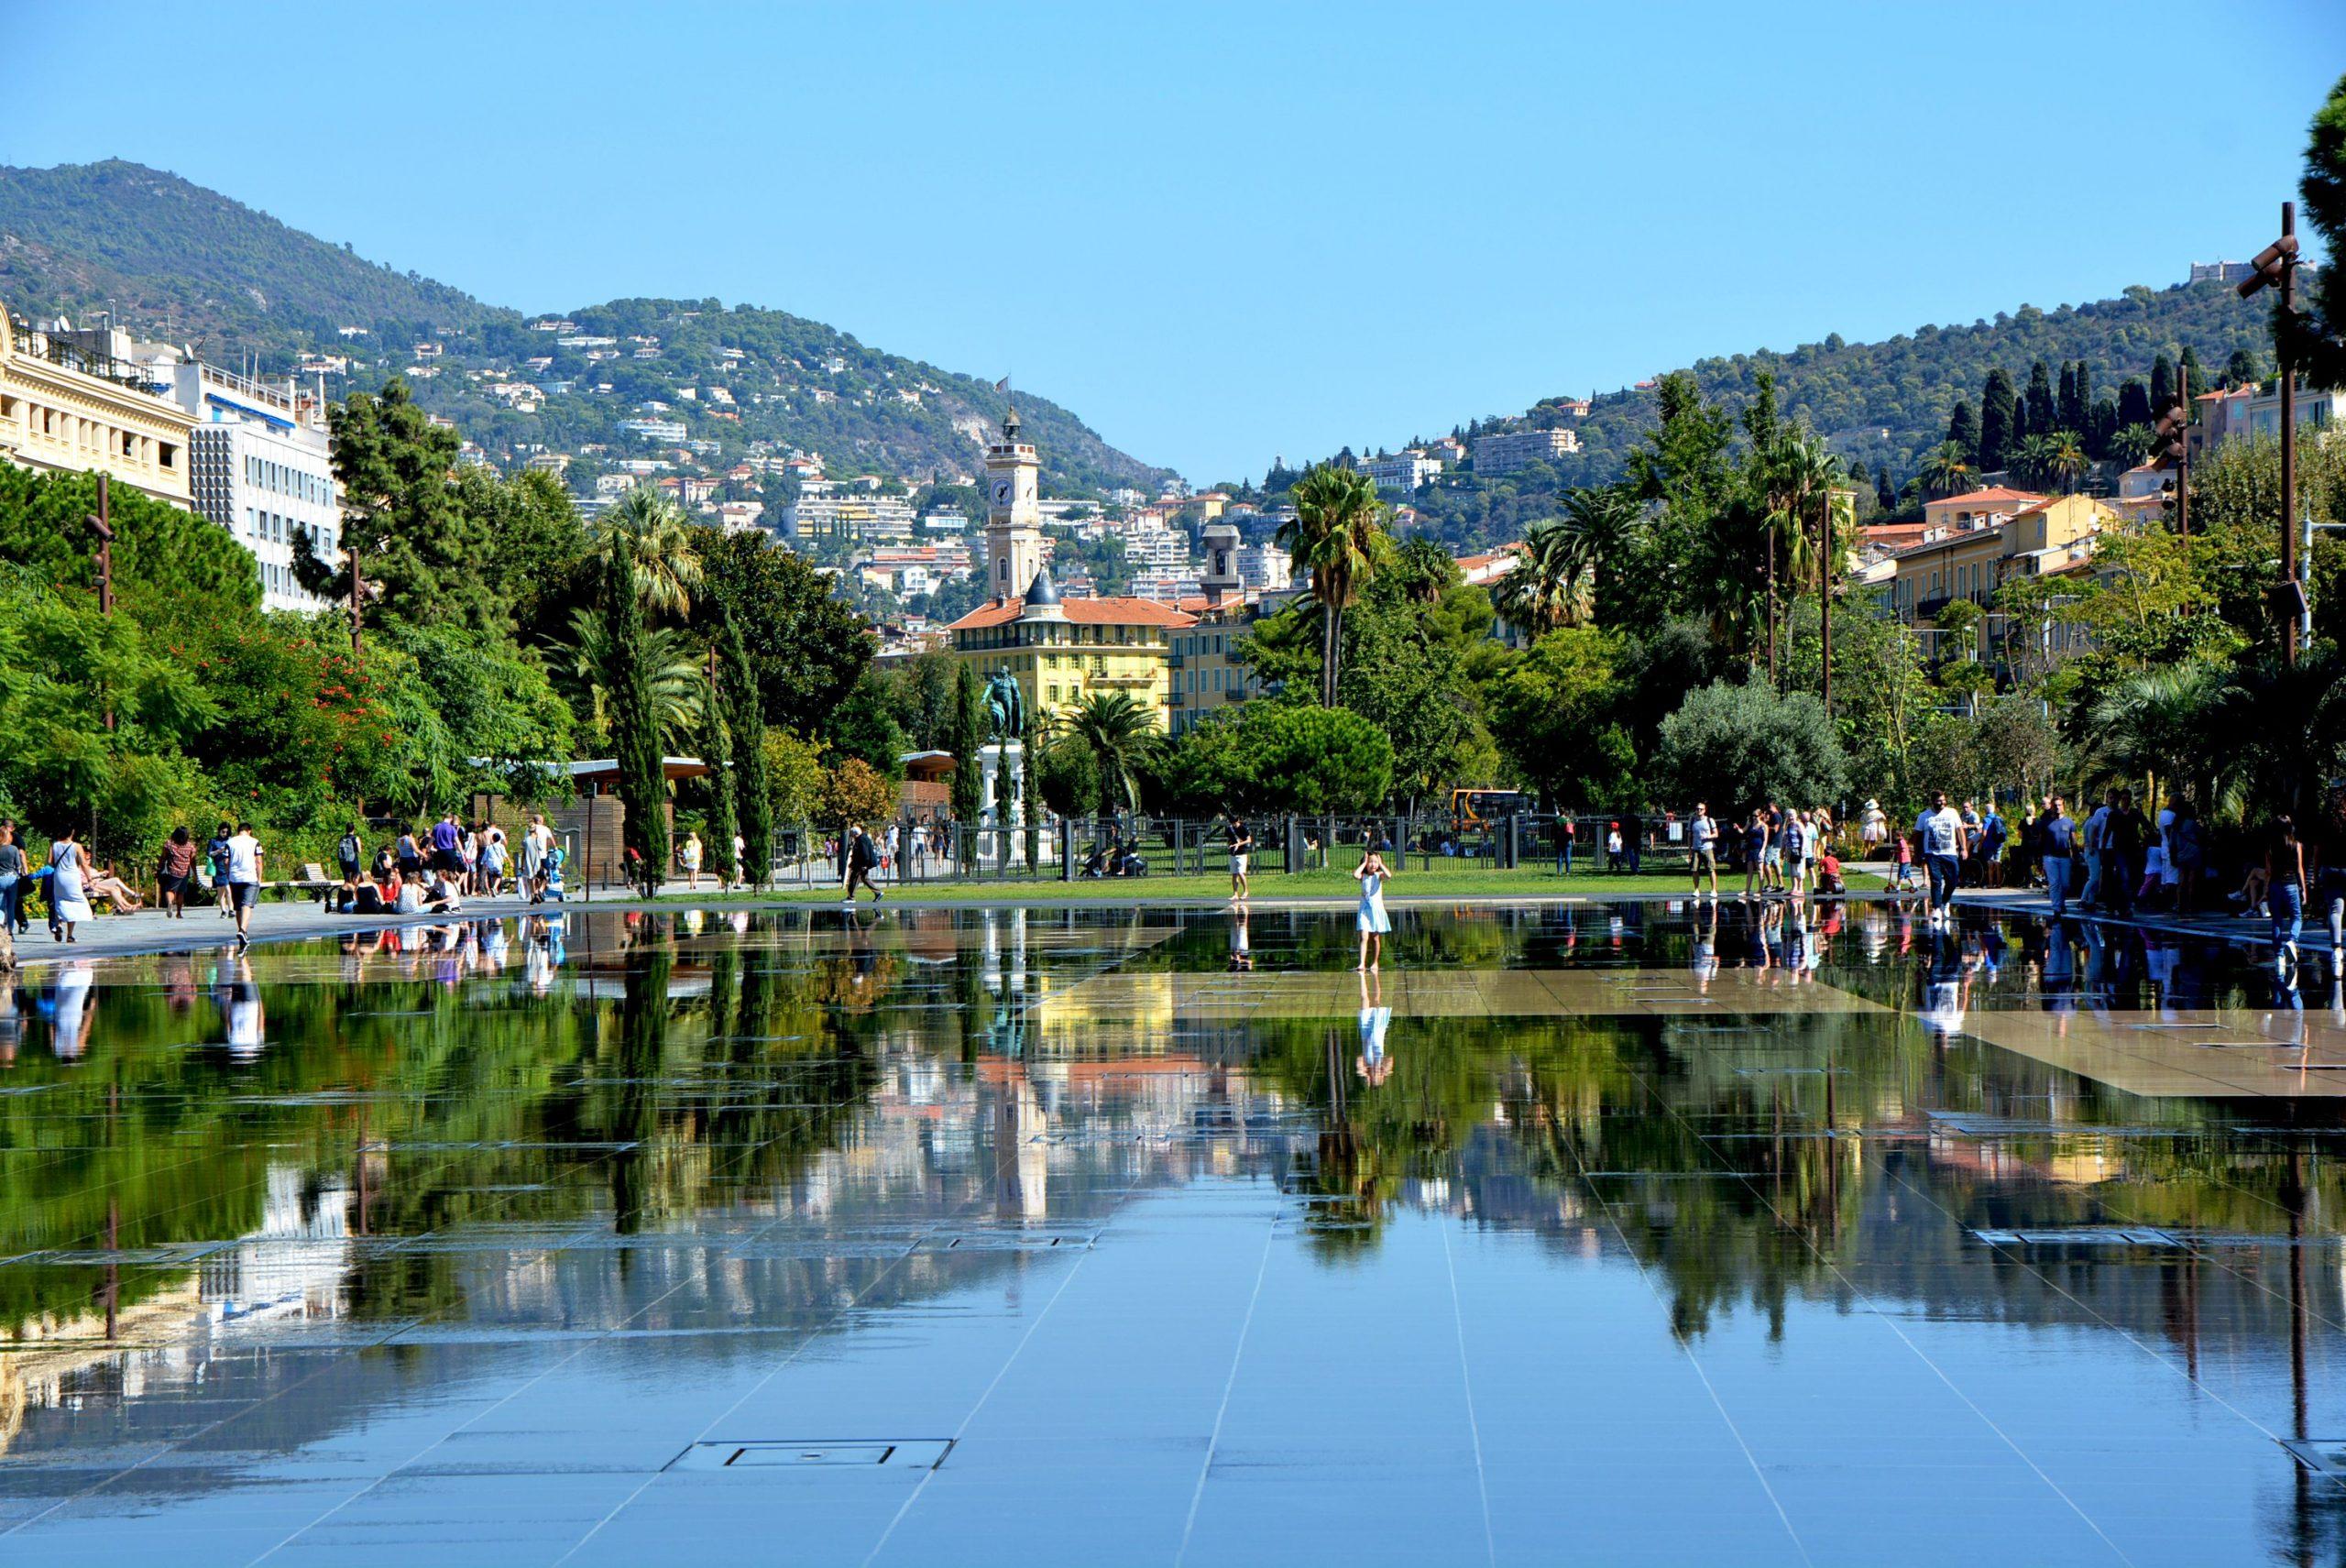 Uluslararası Ziyaretçiler Için En İyi 20 En Popüler Fransız ... intérieur Jules Verne Piscine